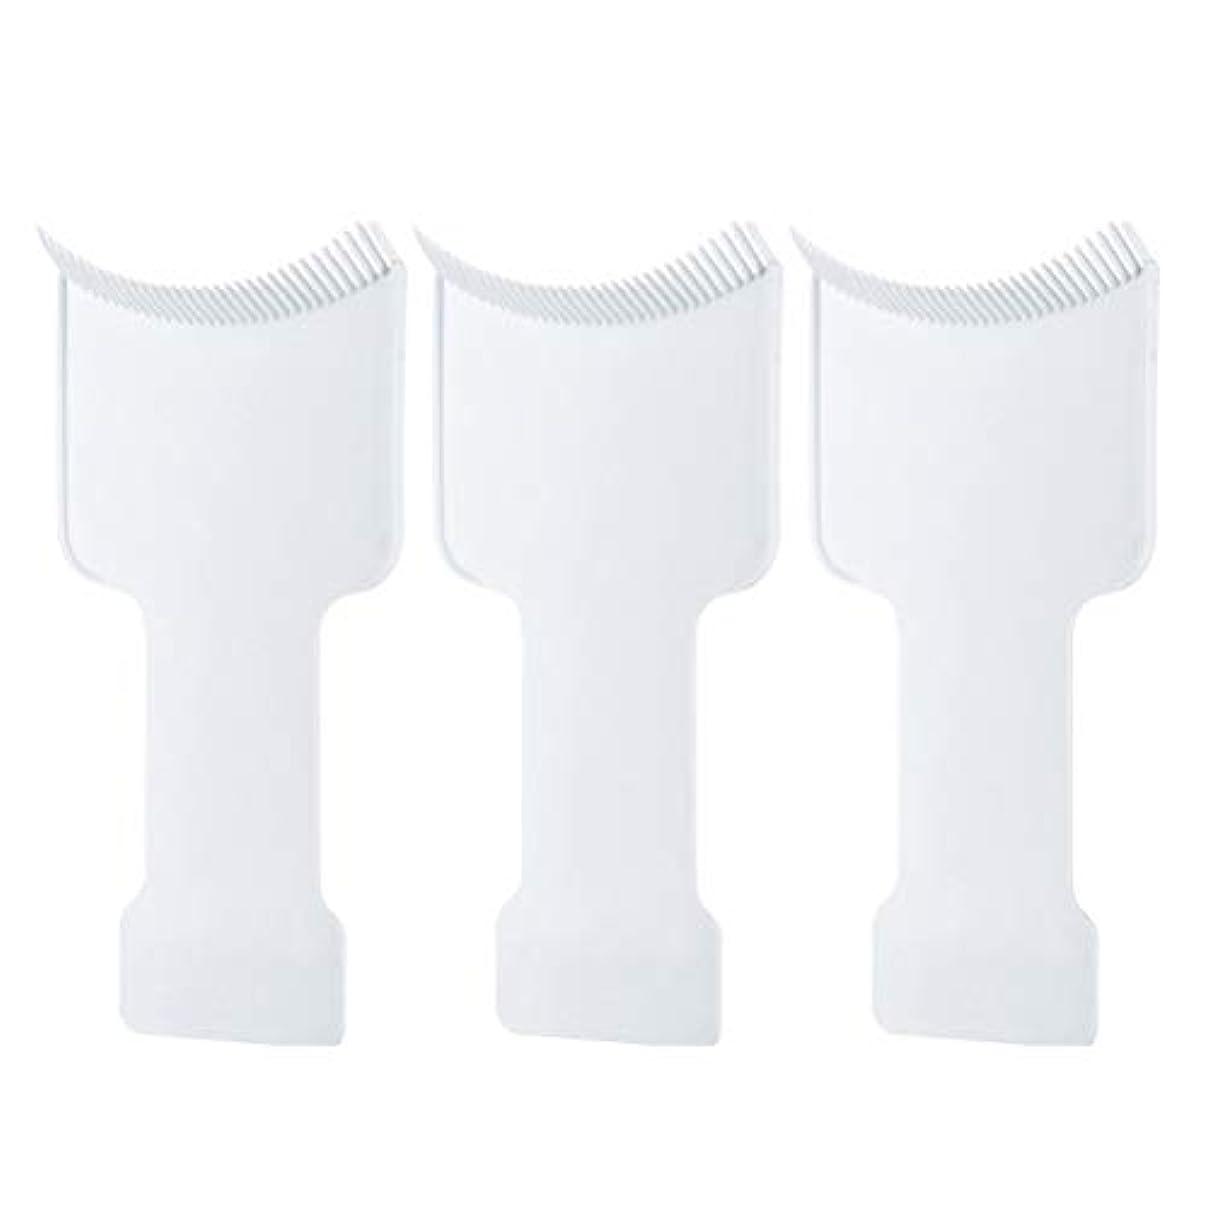 デッキ脚マイナーFrcolor ヘアダイブラシ ヘアダイコーム ヘアカラー 毛染め ヘアスタイリング 家庭用 美容師プロ用 プラスチック製 3点セット(ホワイト)